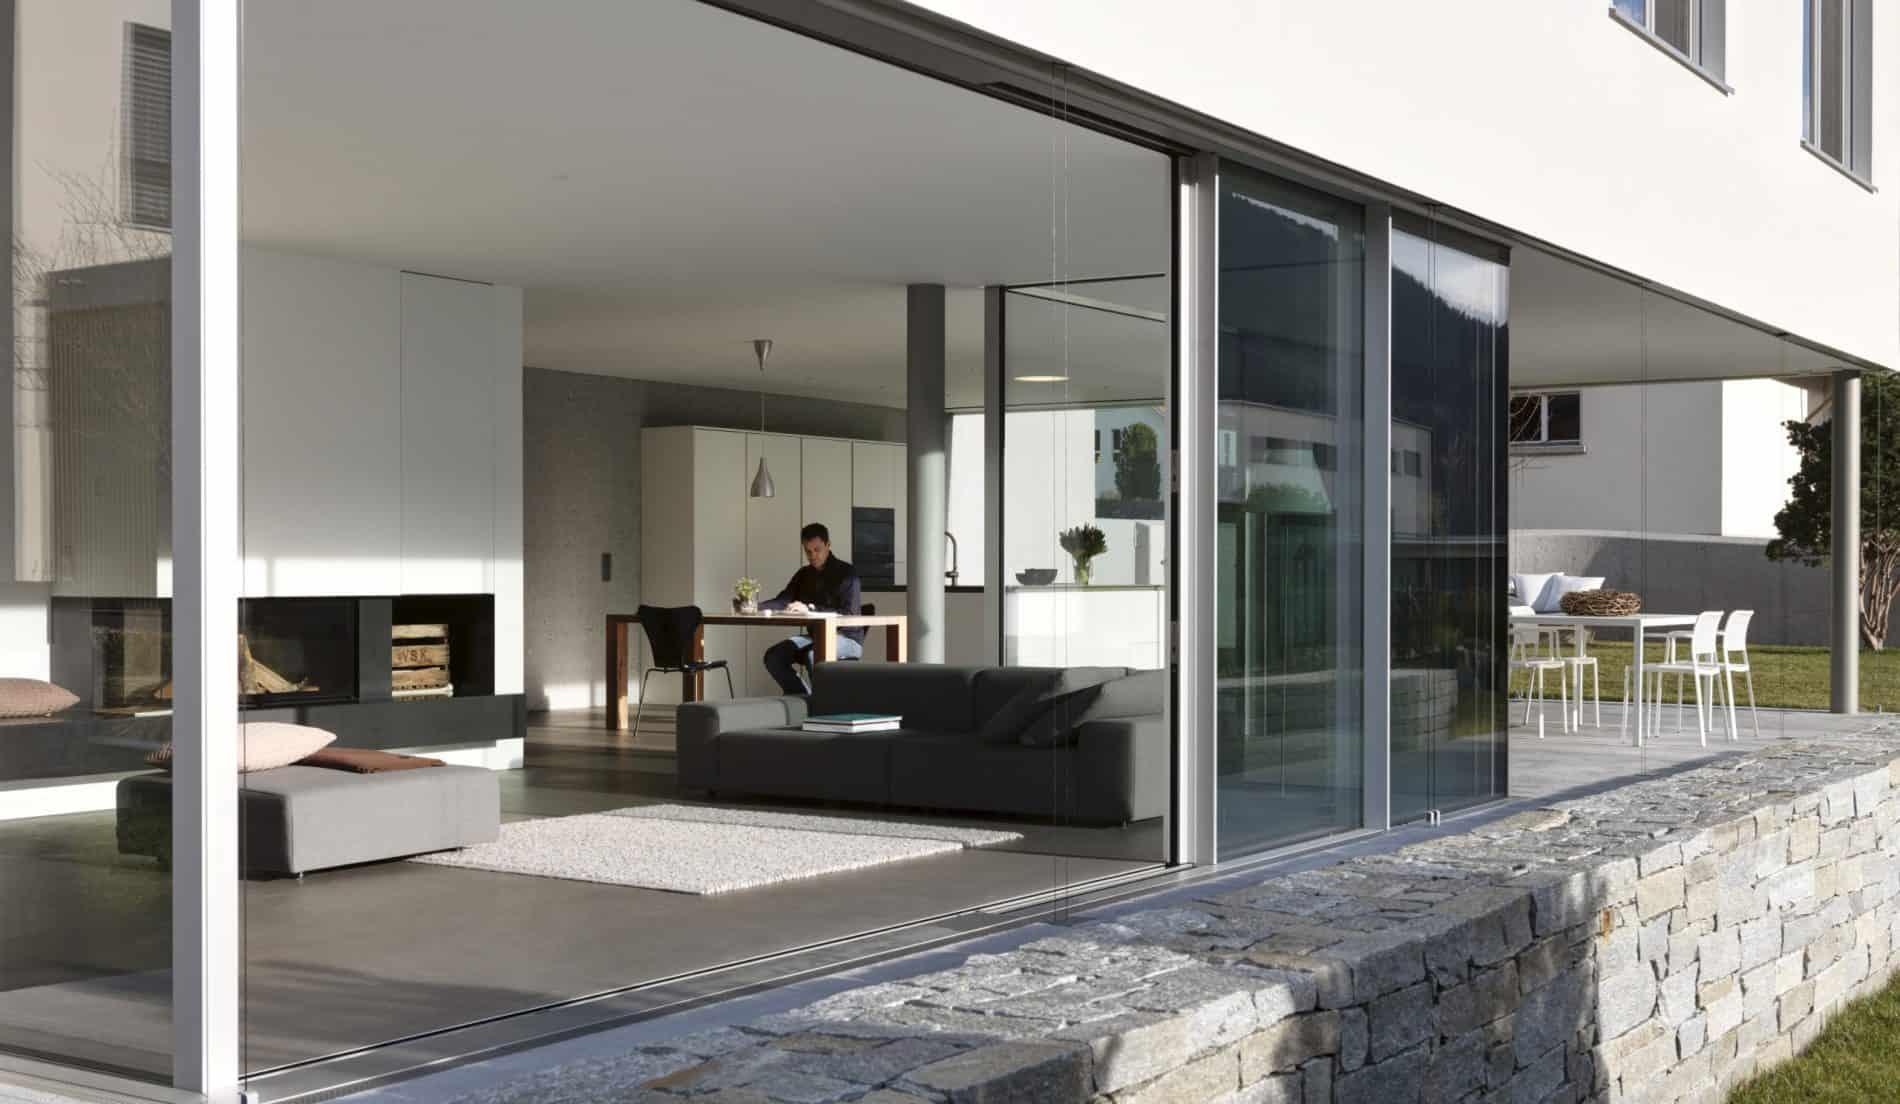 Haus unter dem Birnbaum_High Res_9355- 740x430